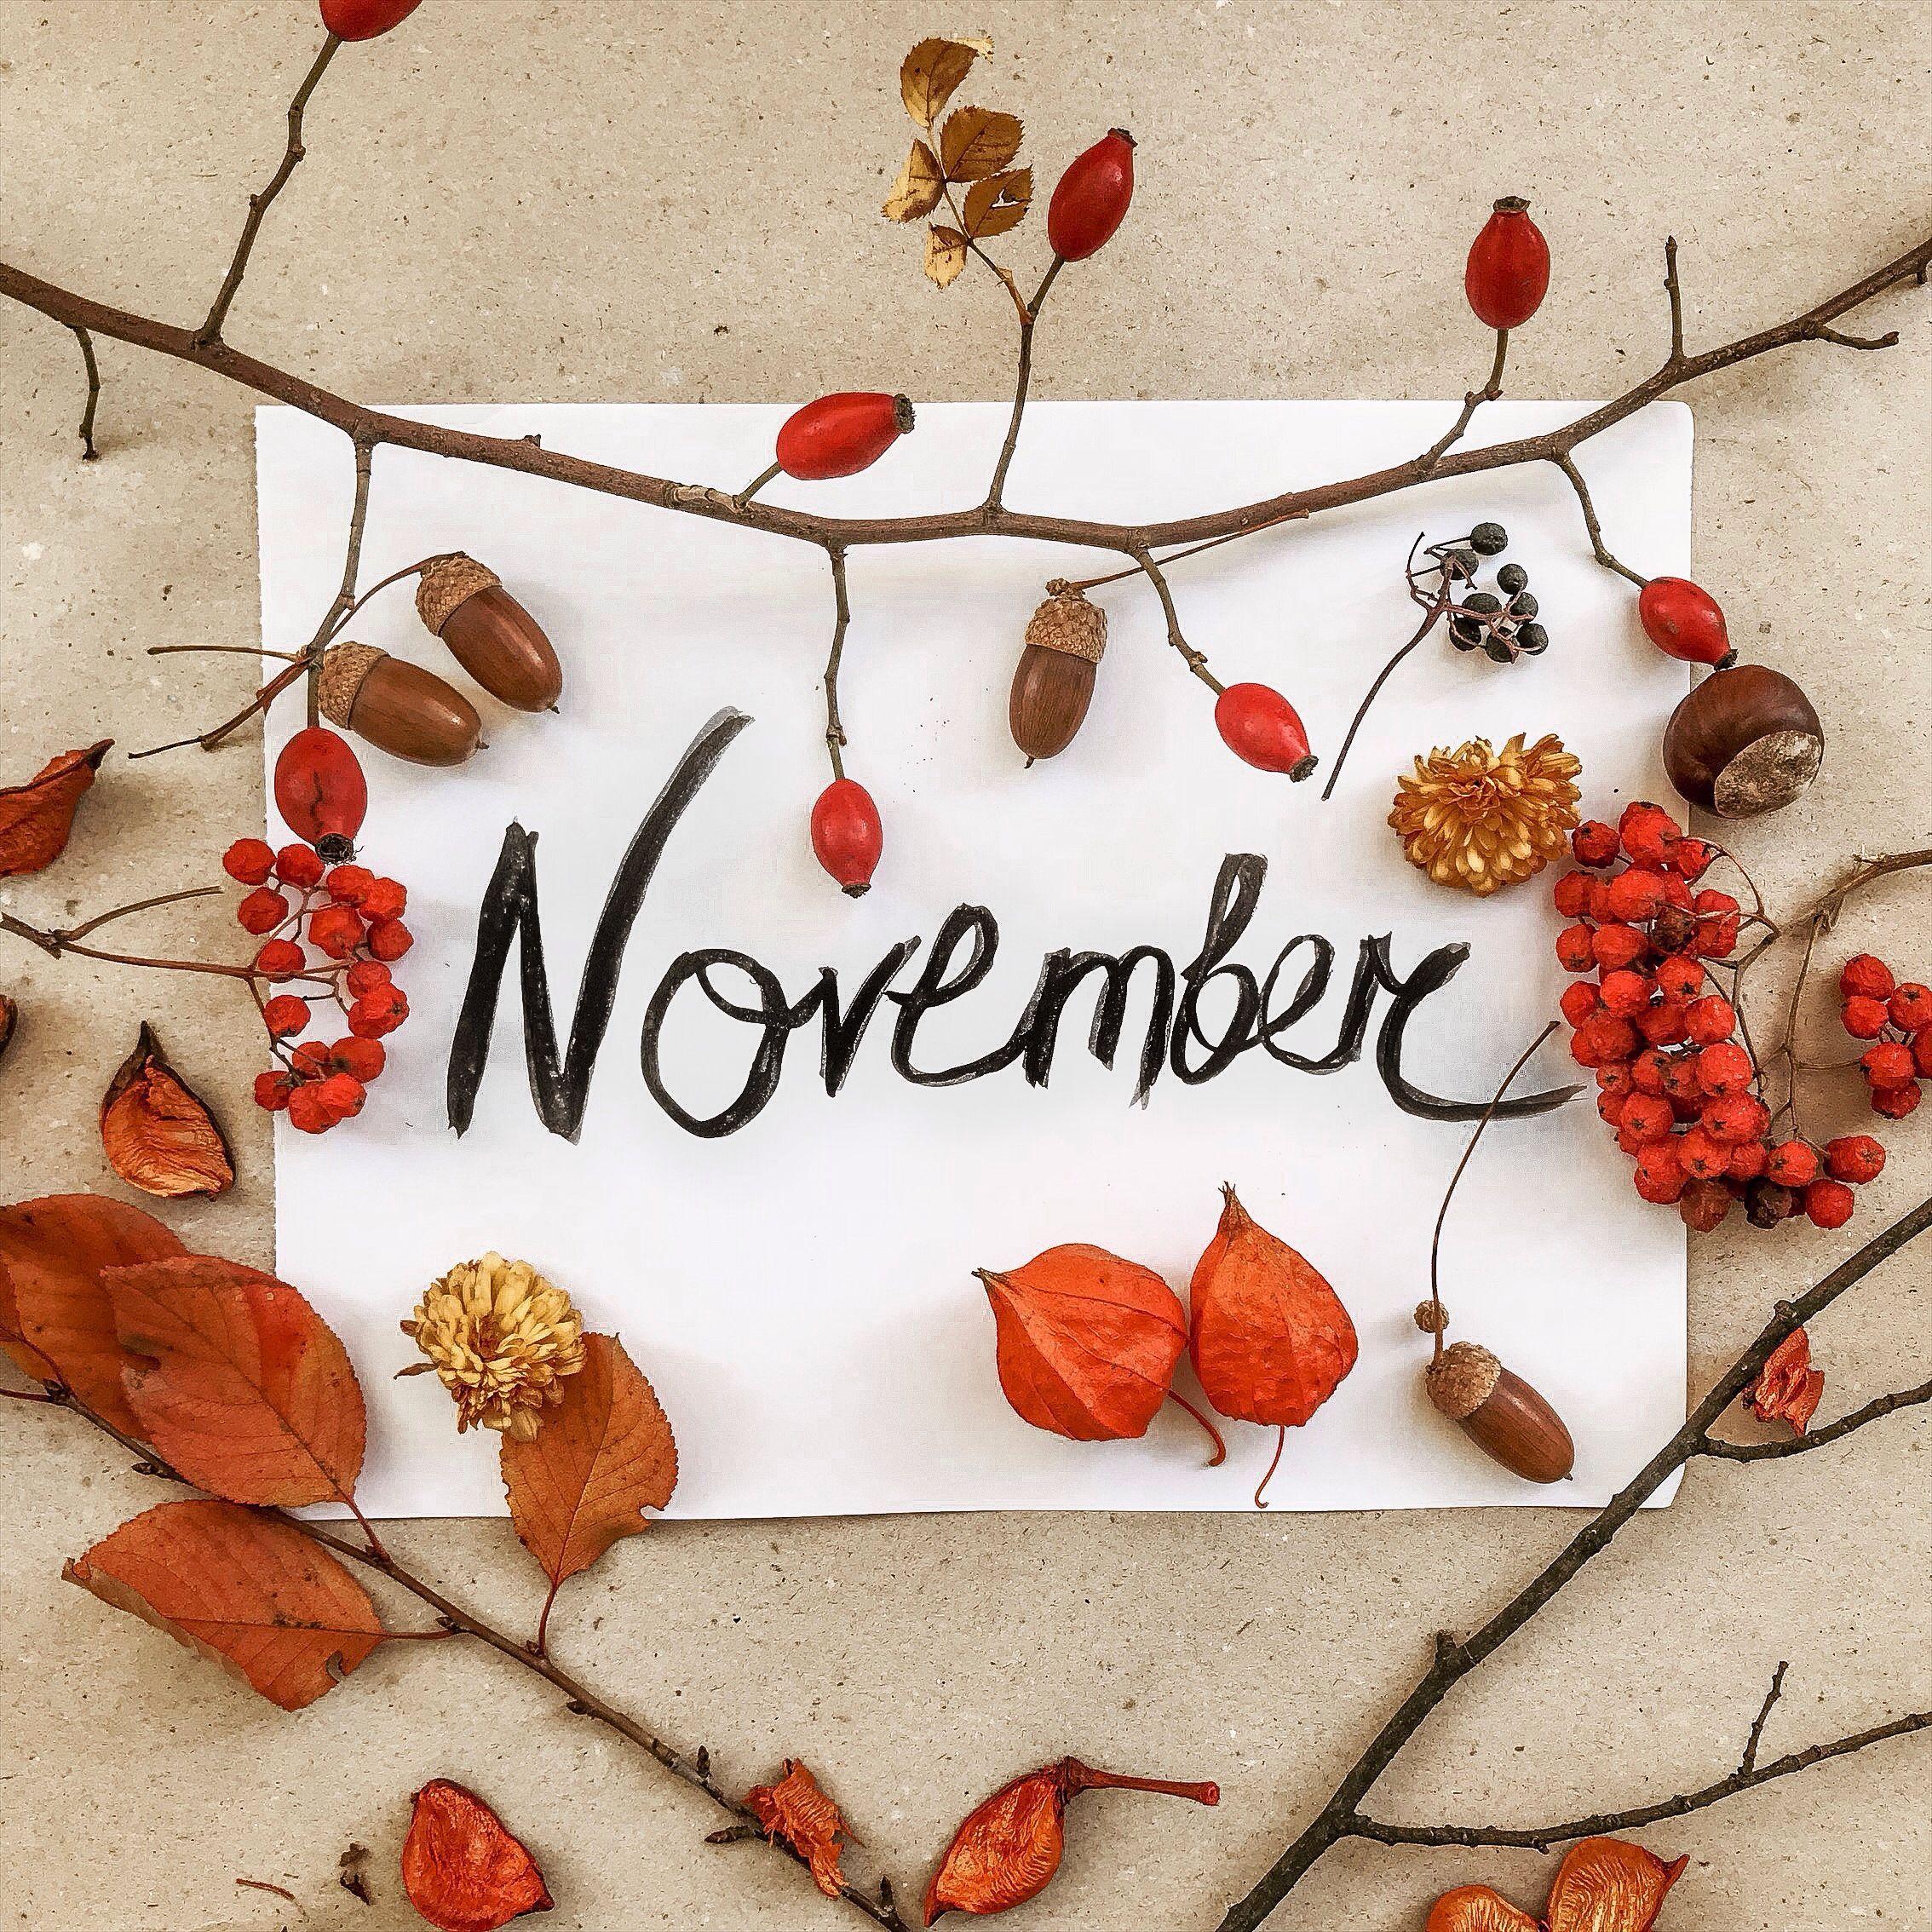 November hellonovemberwallpaper Hello november